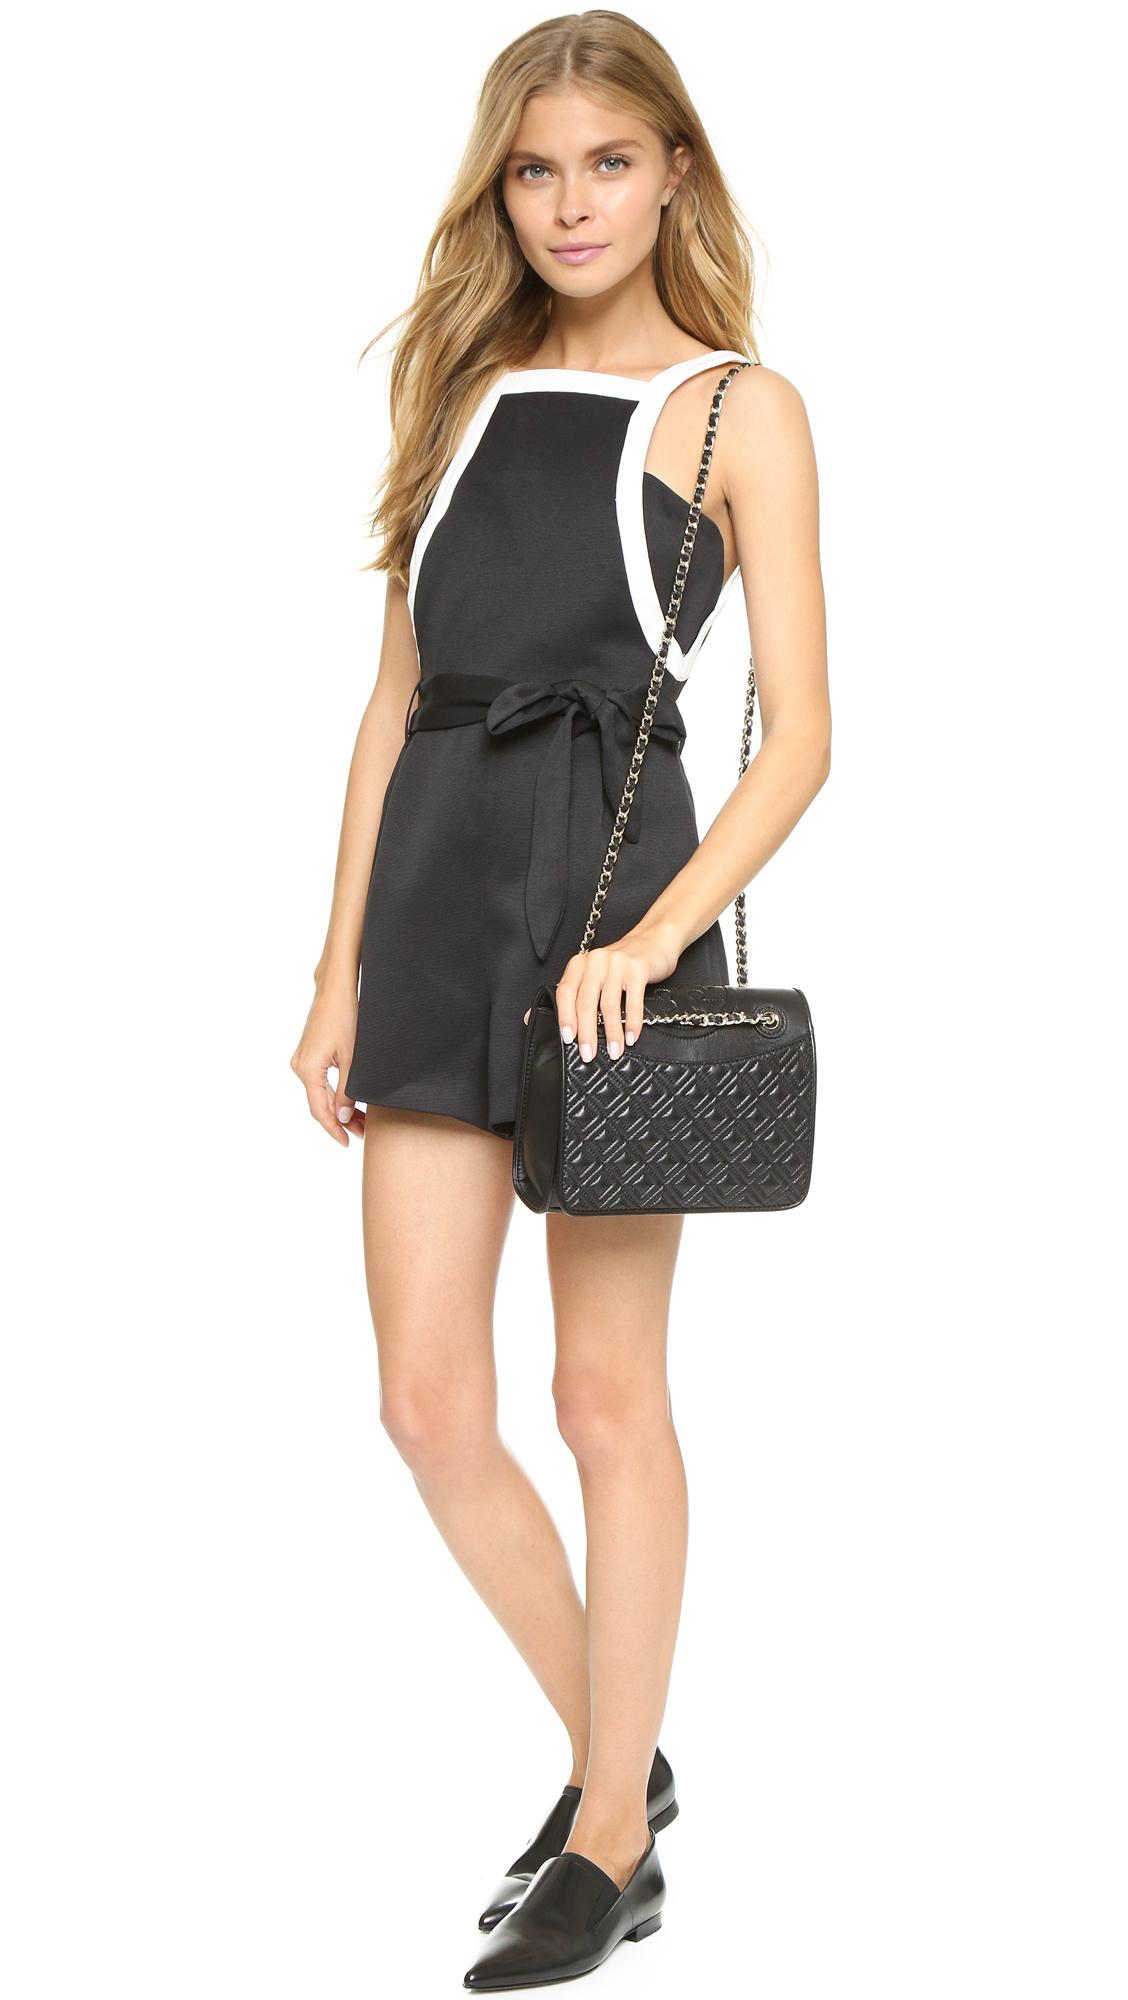 45b995faeff Lyst - Tory Burch Fleming Medium Bag in Black